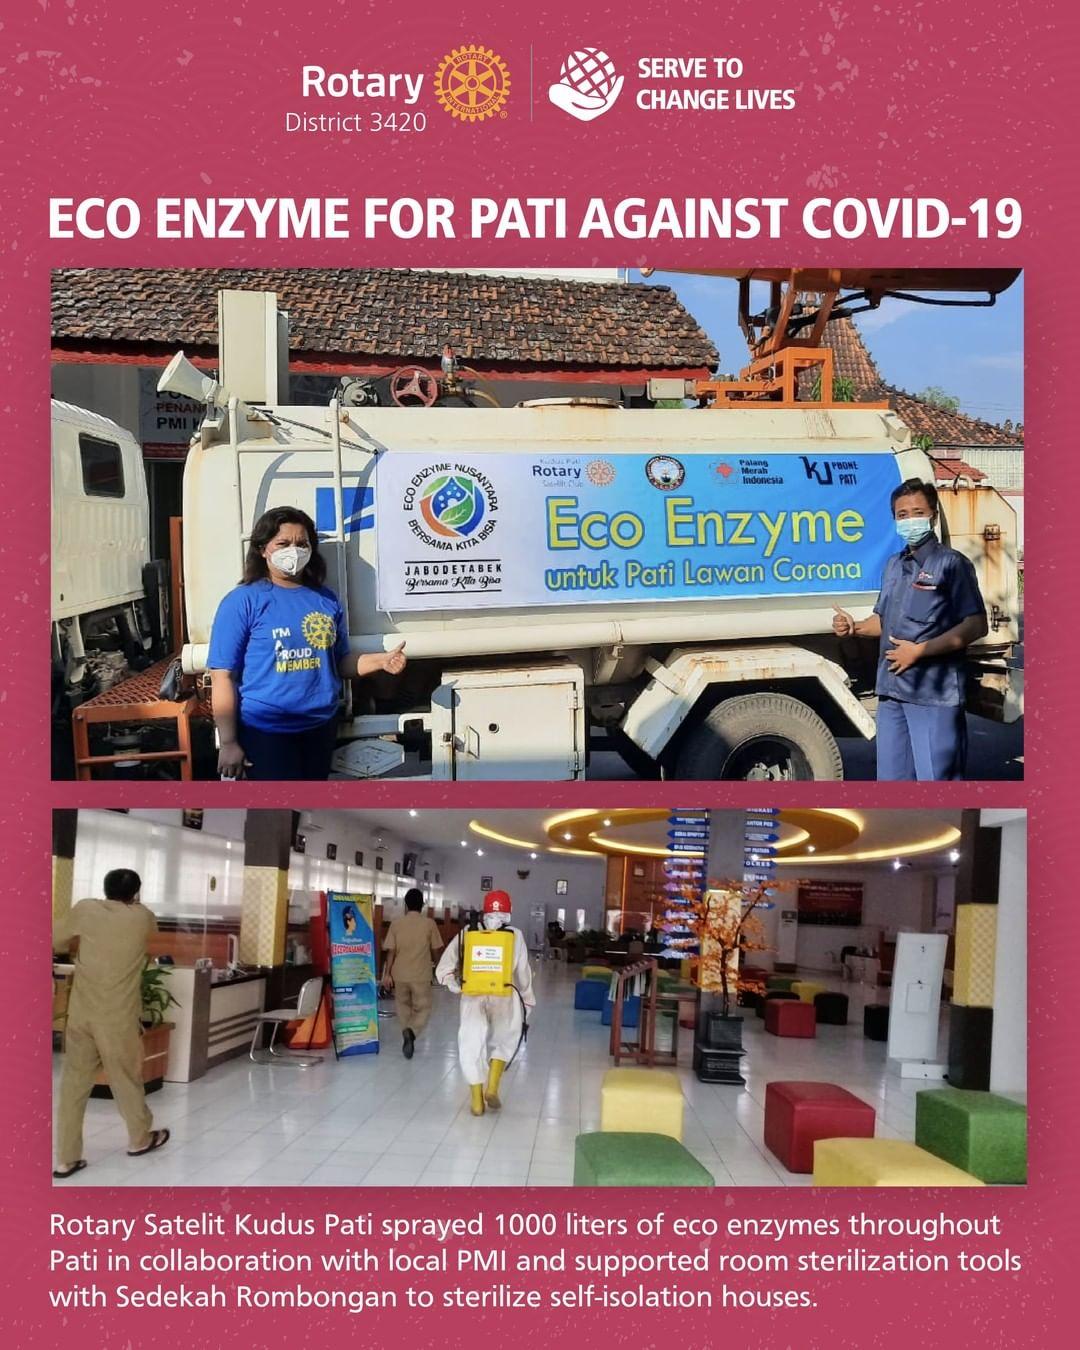 Manfaat alam untuk kehidupan: Eco Enzyme untuk Pati melawan Covid-19